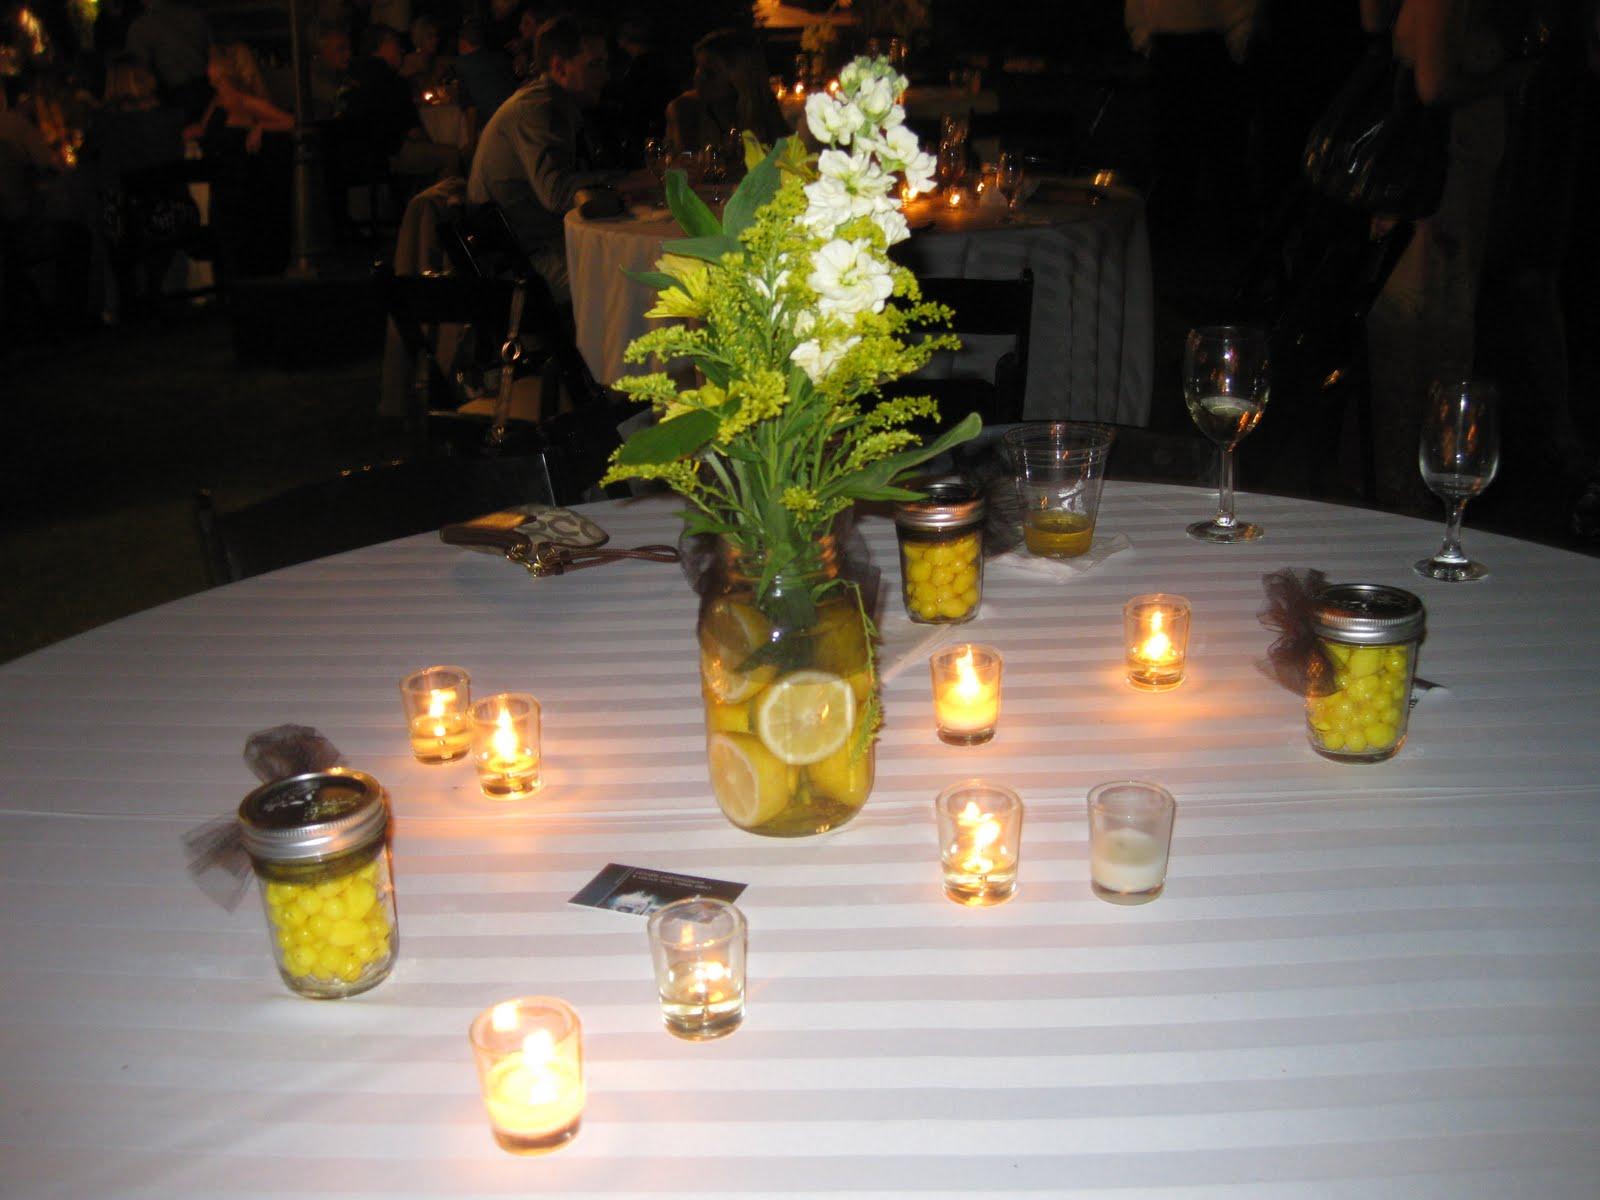 Vineetas Blog Homemade Wedding Centerpieces